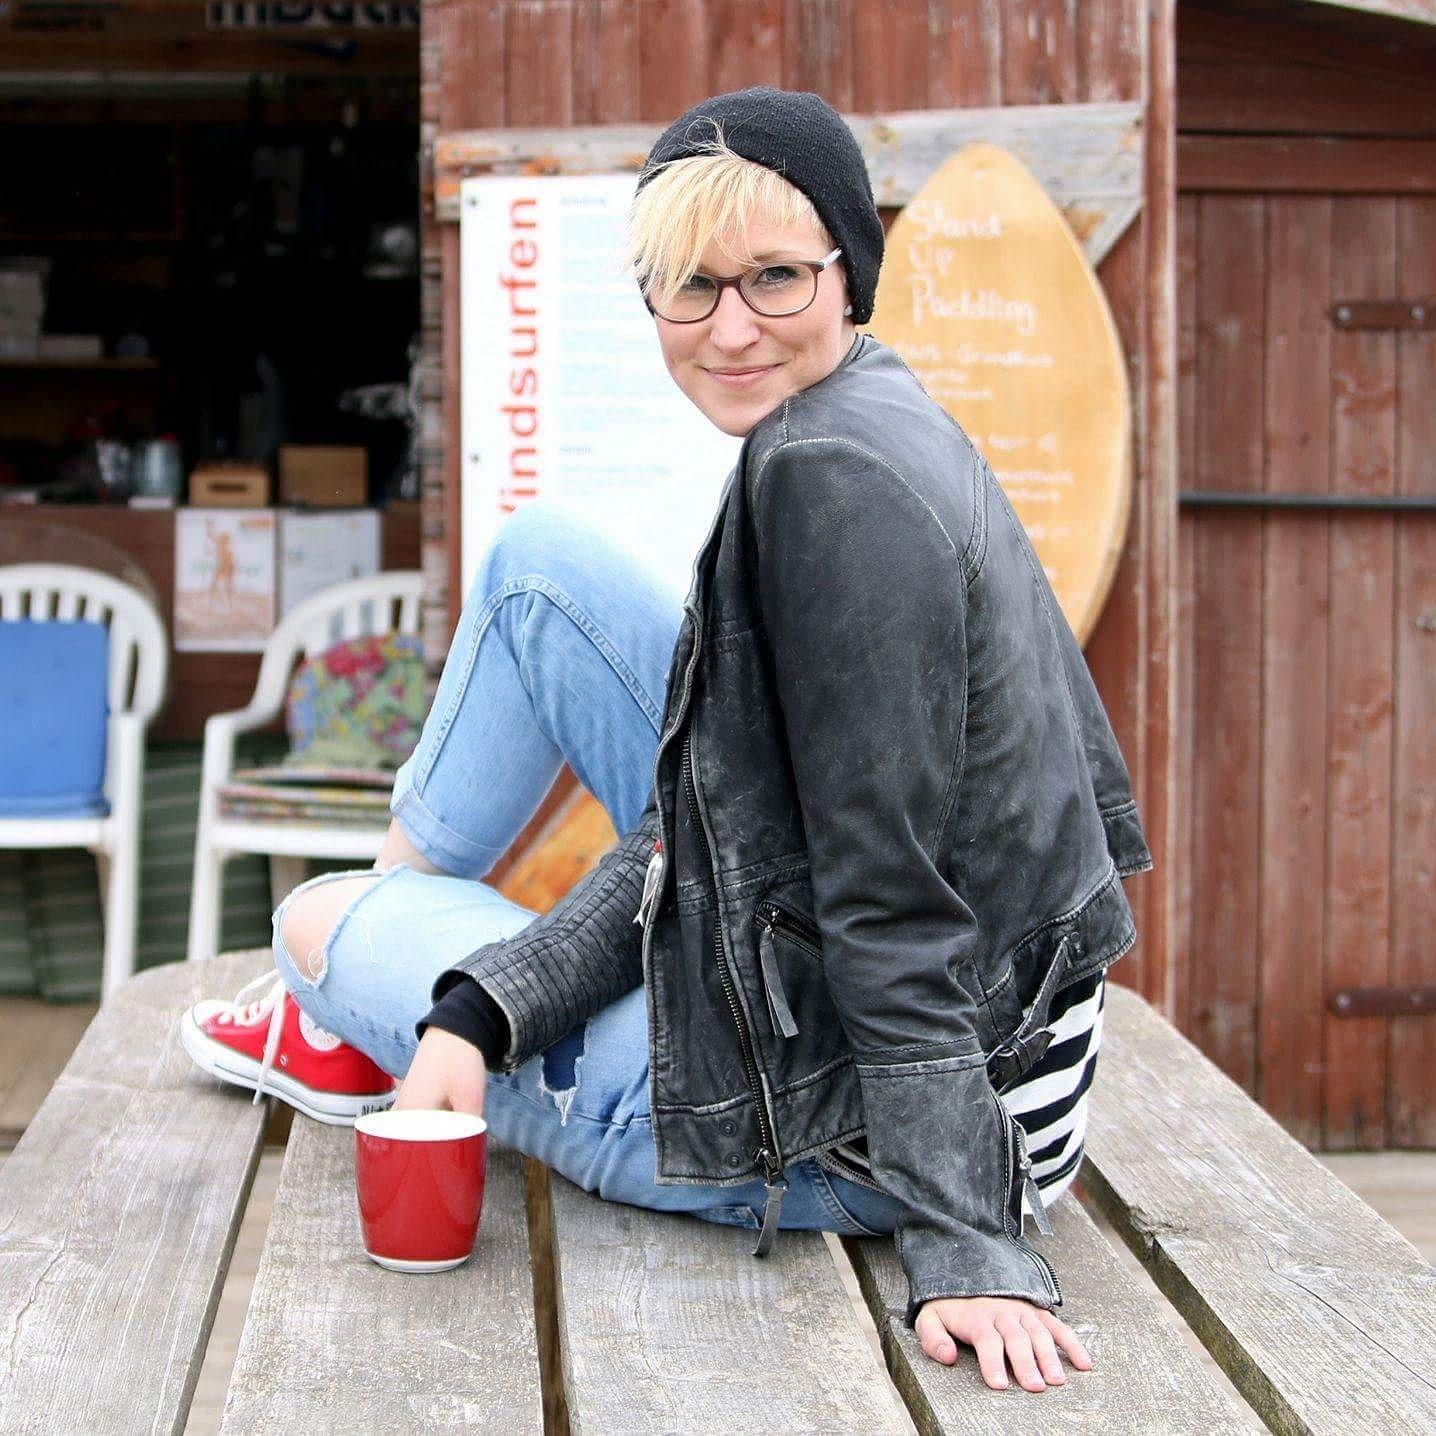 Foto: Jens Oschmann Fotografie